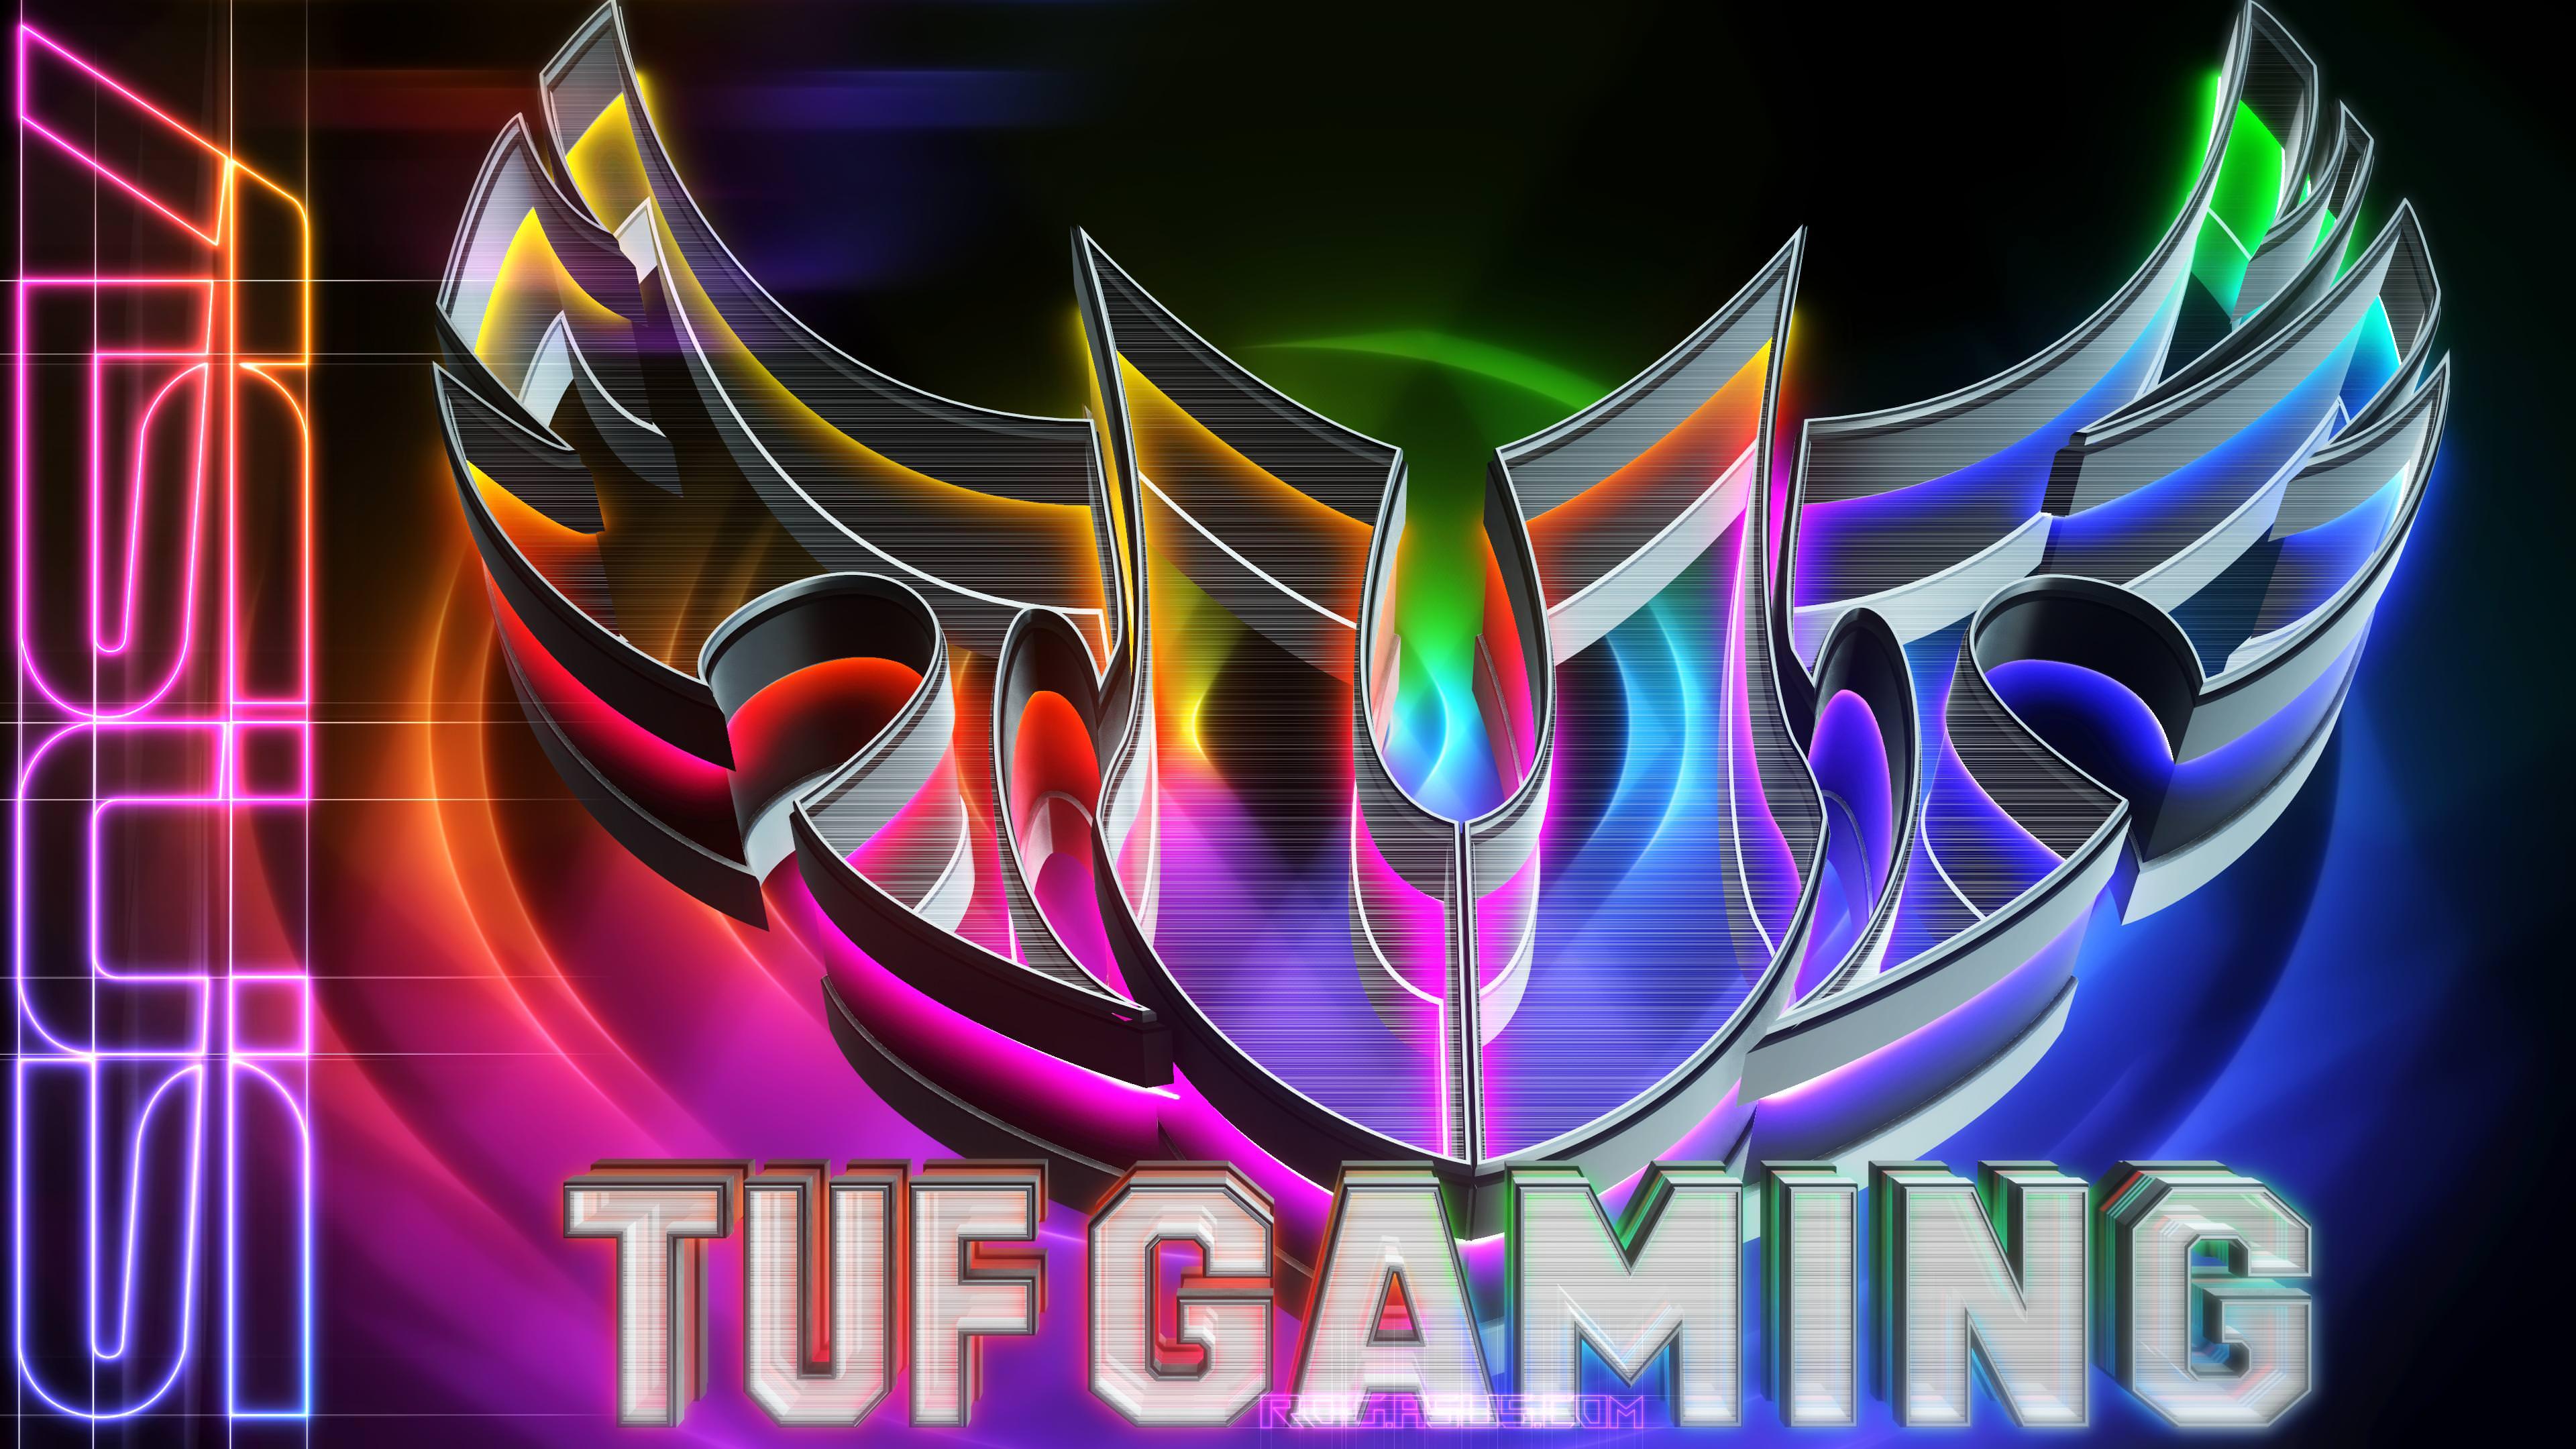 Background Asus Tuf Gaming 3840x2160 Download Hd Wallpaper Wallpapertip